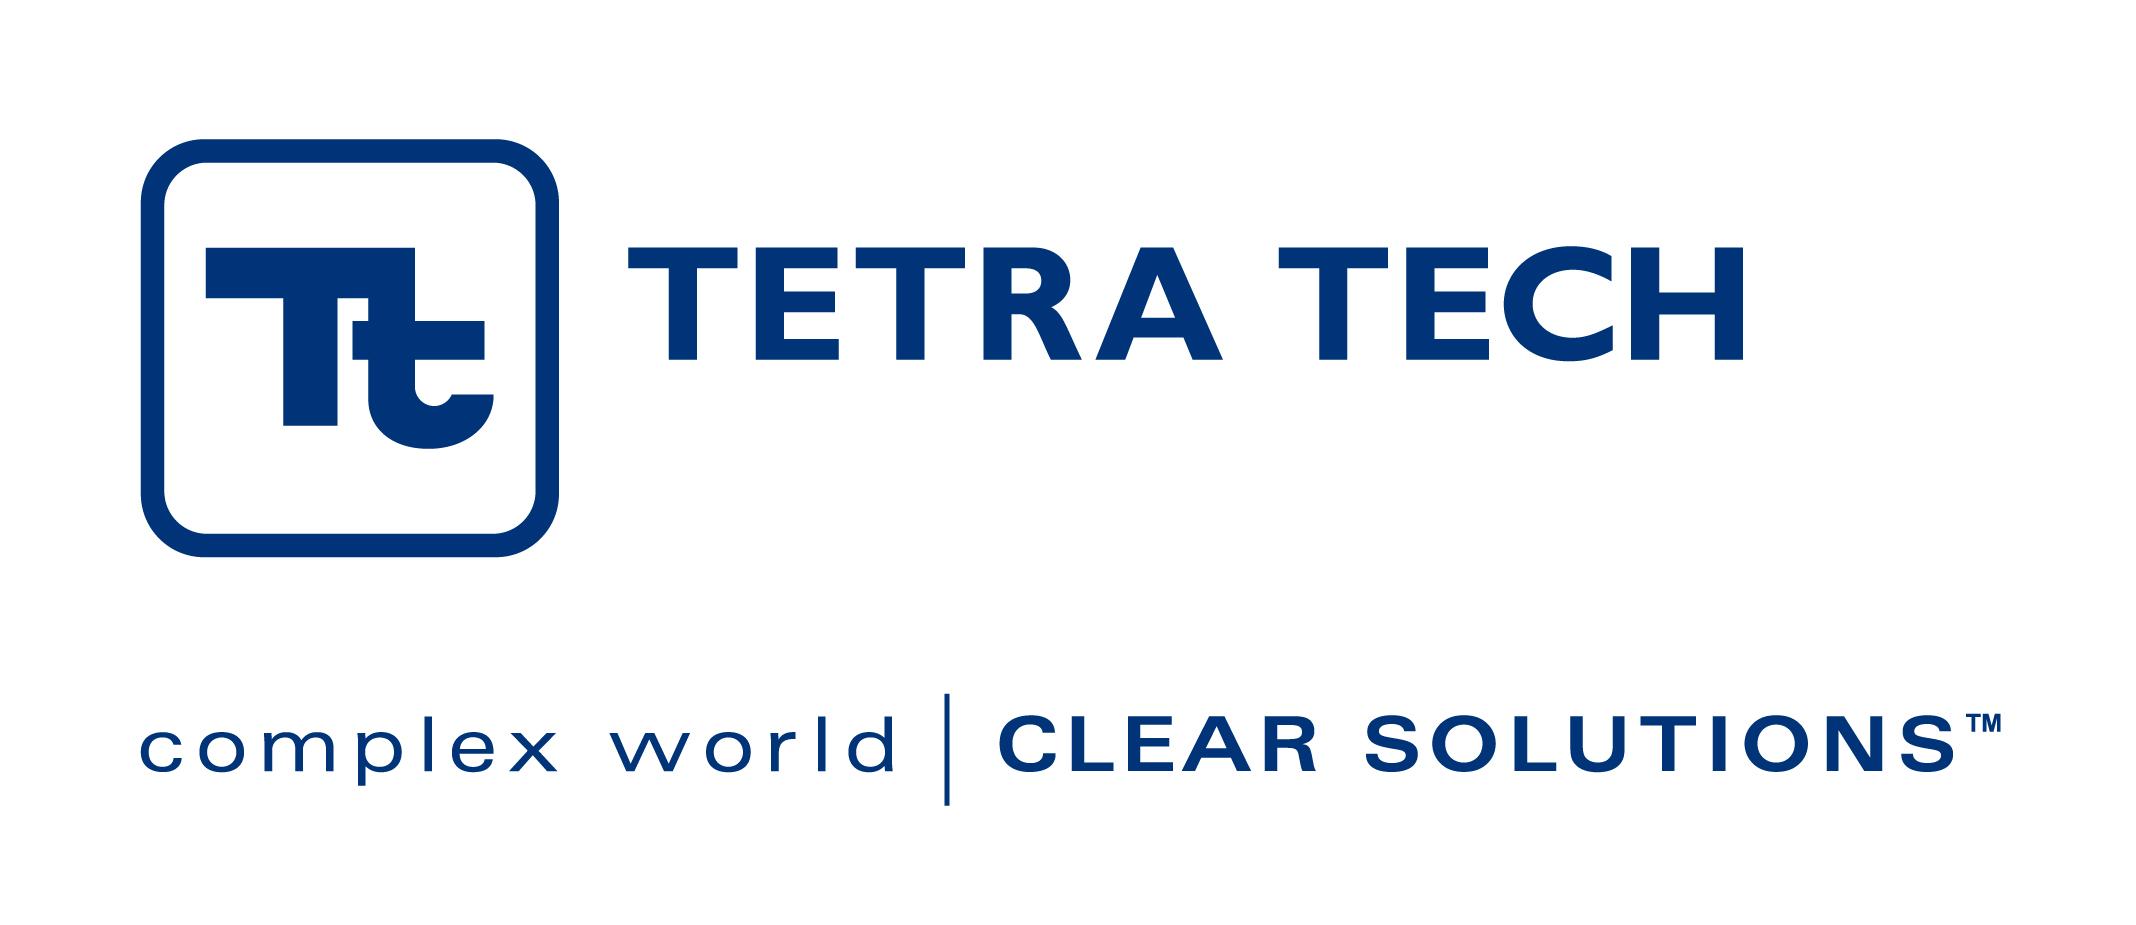 Tt-Logo-Combo-(Blue).jpg